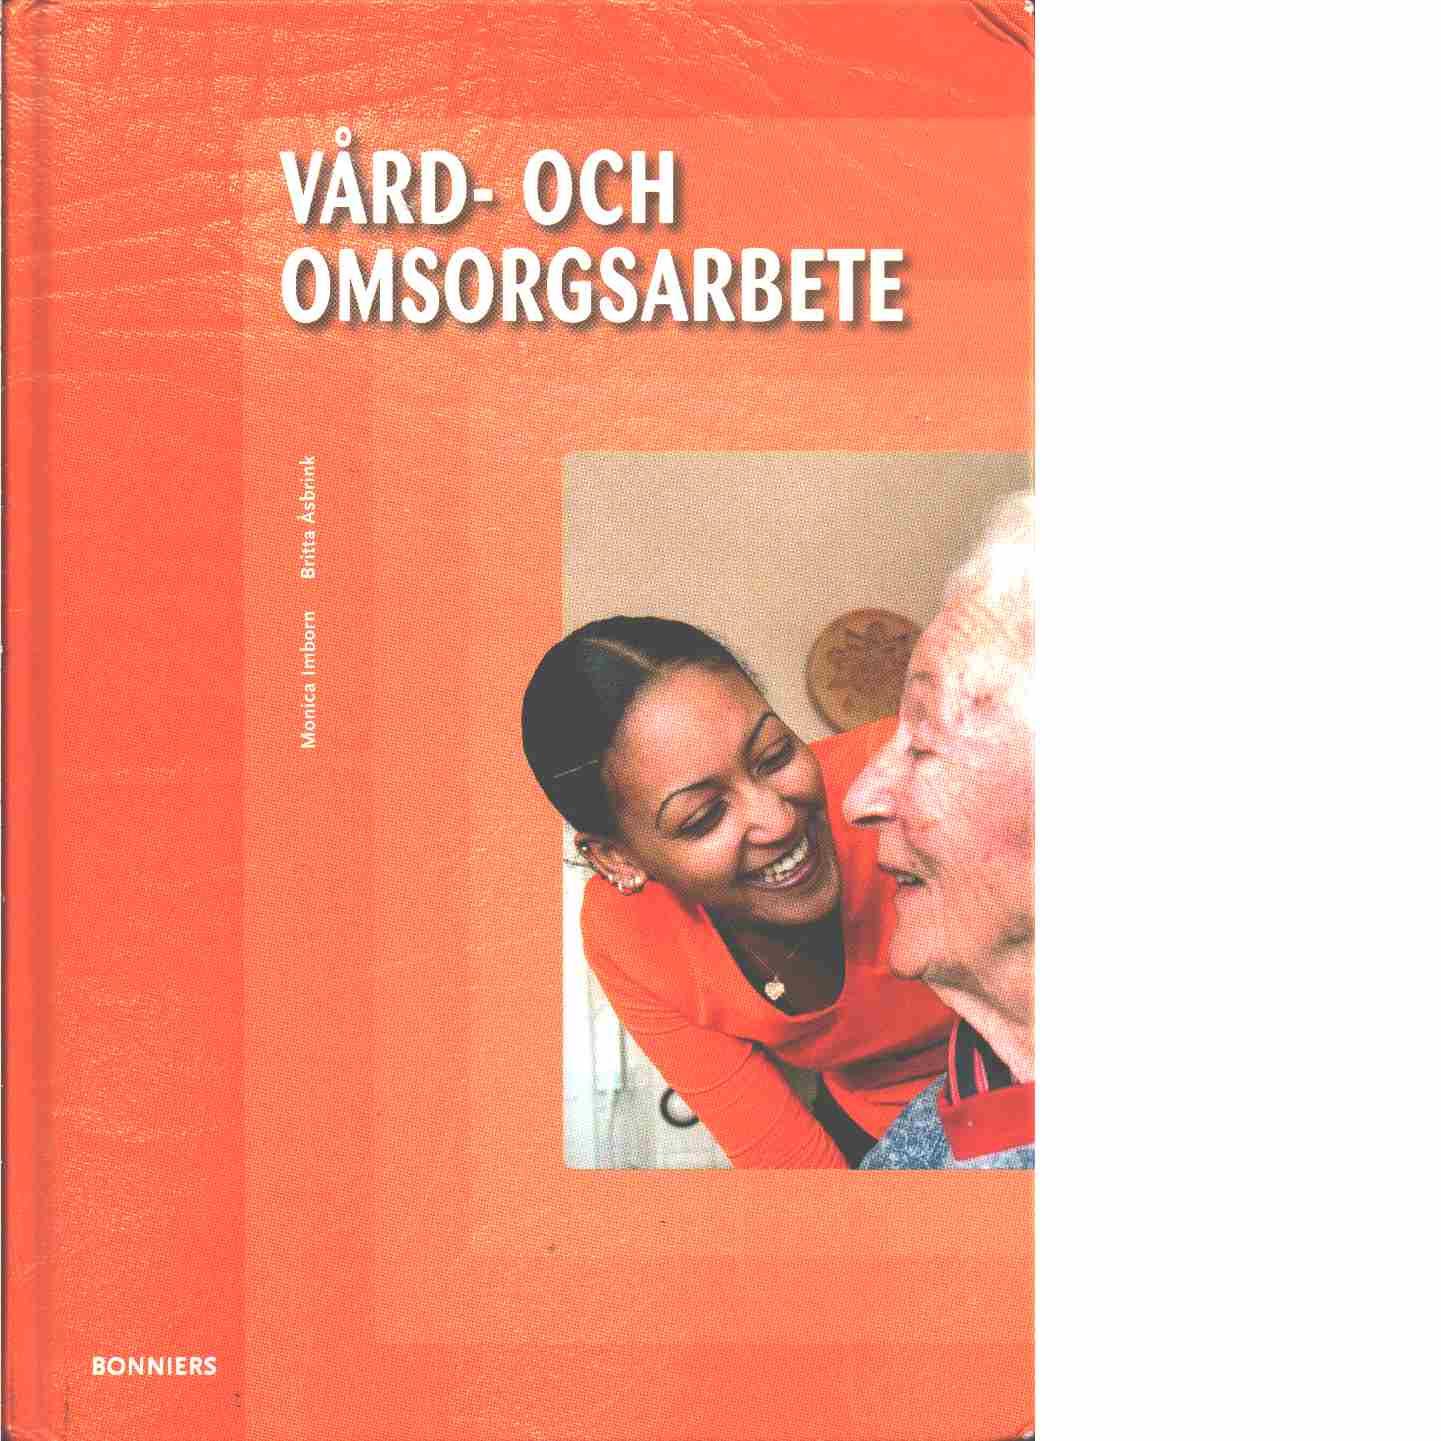 Vård- och omsorgsarbete  - Imborn, Monica och Åsbrink, Britta